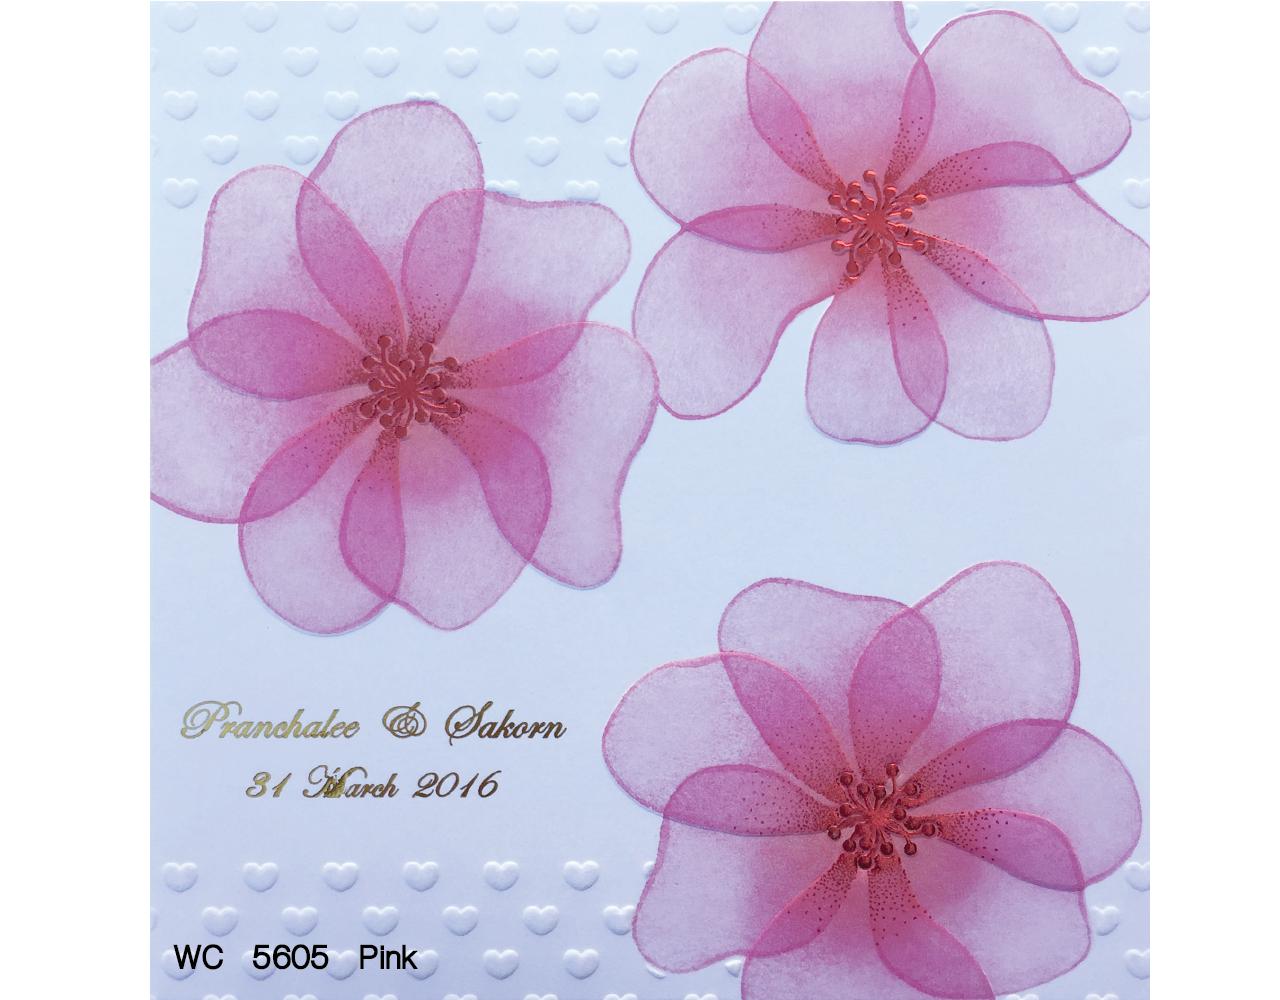 การ์ดแต่งงาน การ์ดเชิญงานแต่ง ลายดอกไม้ สีชมพู น่ารักๆ สามพับ ปั๊มนูน wedding card 14.8 x 14.8 WC 5605 Pink ฿ 8.20